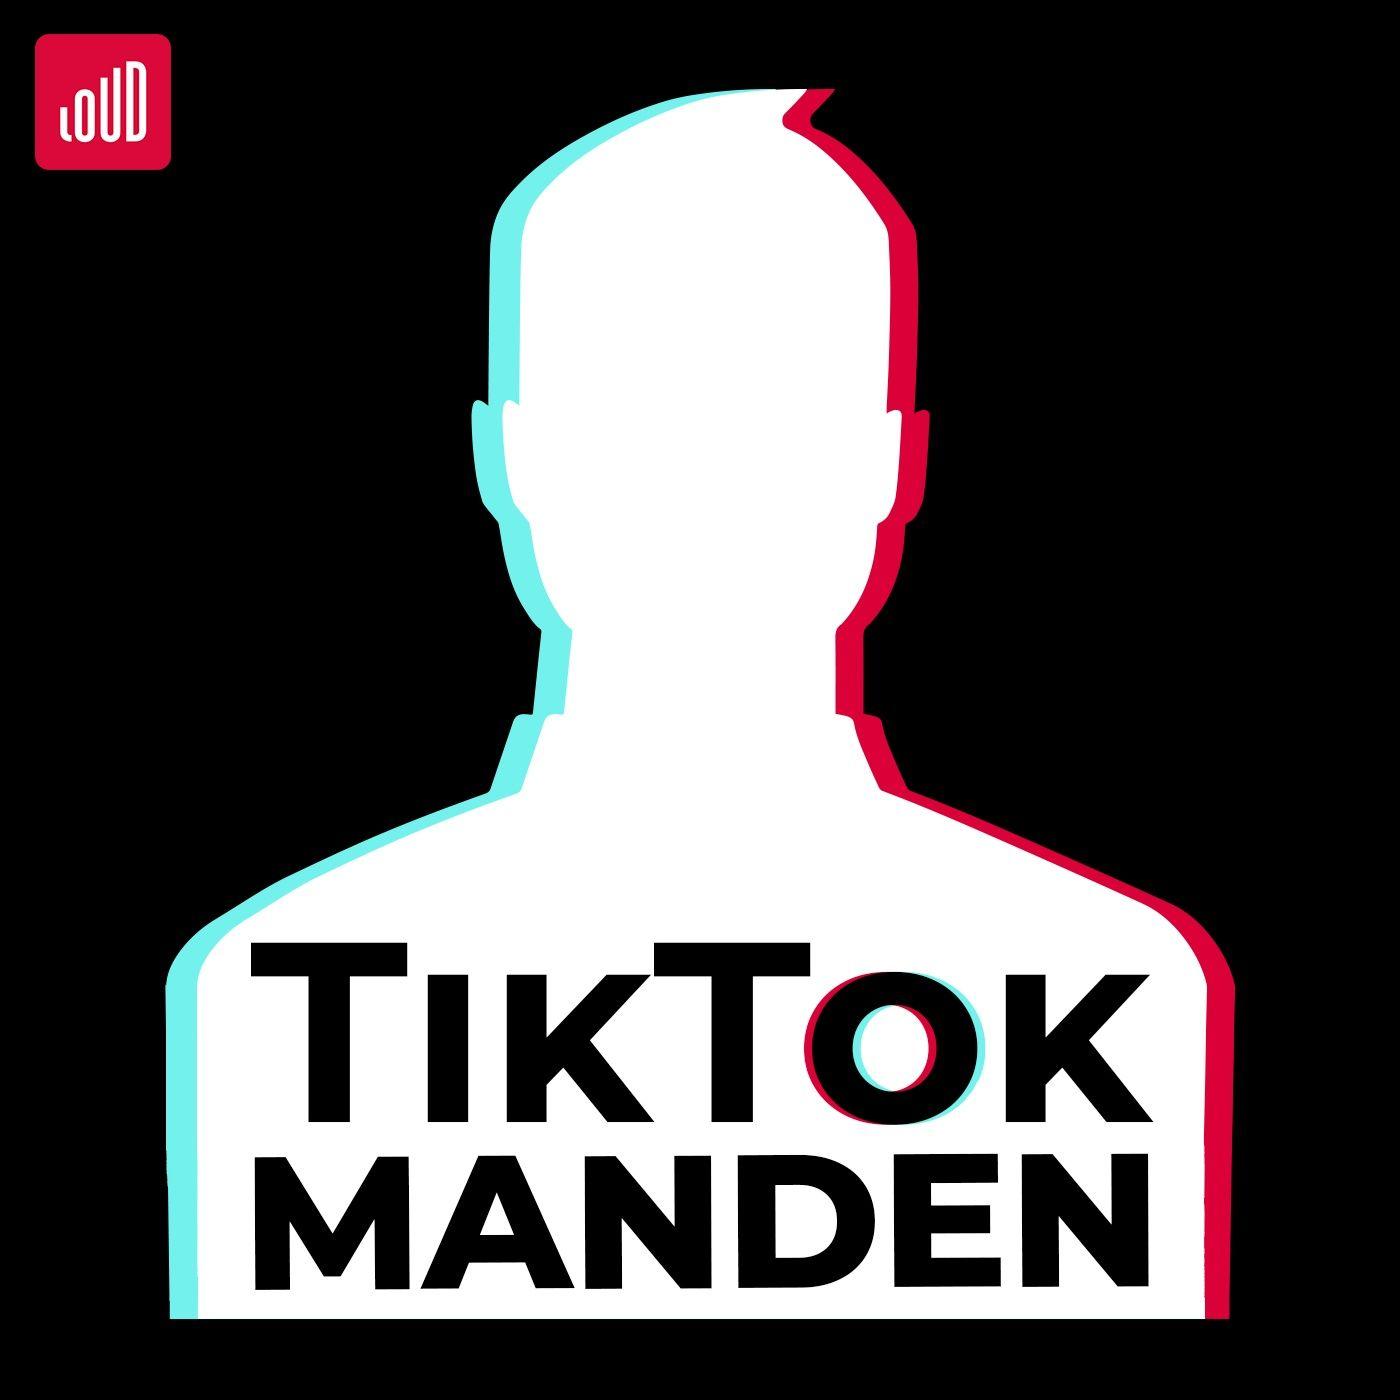 Lyt til TikTok-manden